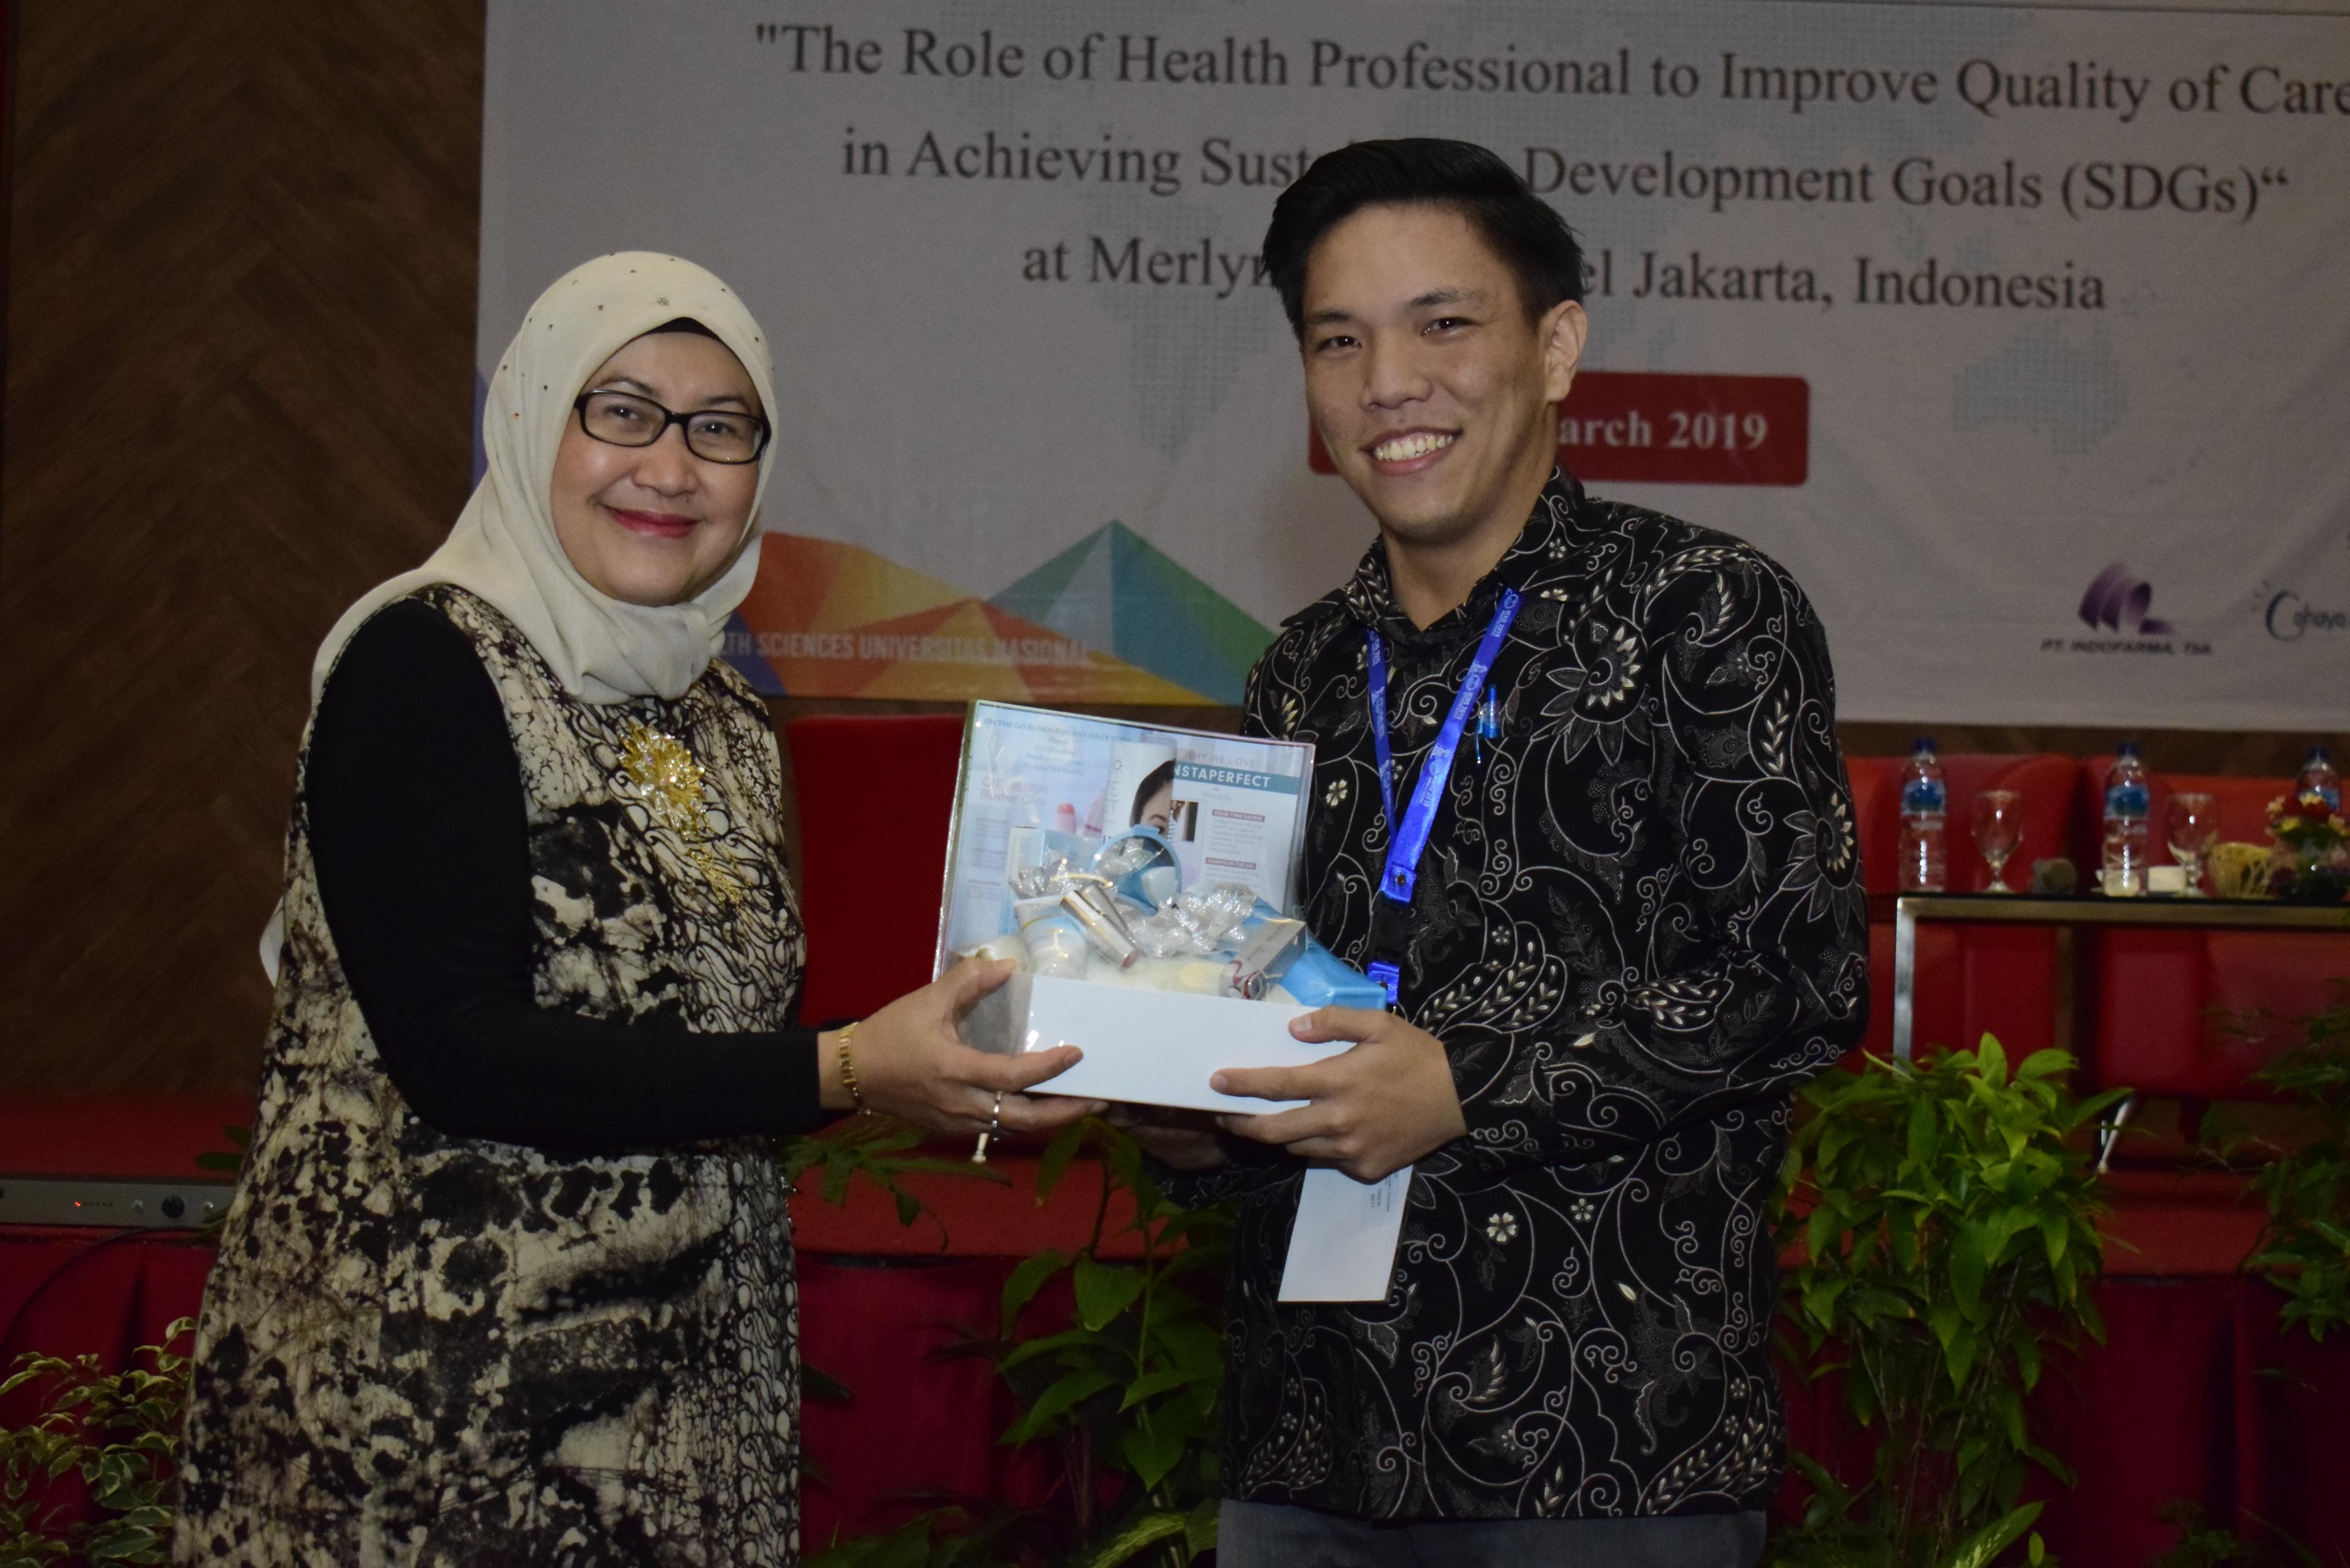 Dekan FIKES UNAS Dr. Retno Widowati M.Si memberikan hadiah kepada pemenang the best presentation dari Universitas Diponegoro pada acara seminar internasional FIKES UNAS 2019, di Jakarta, (14/3)